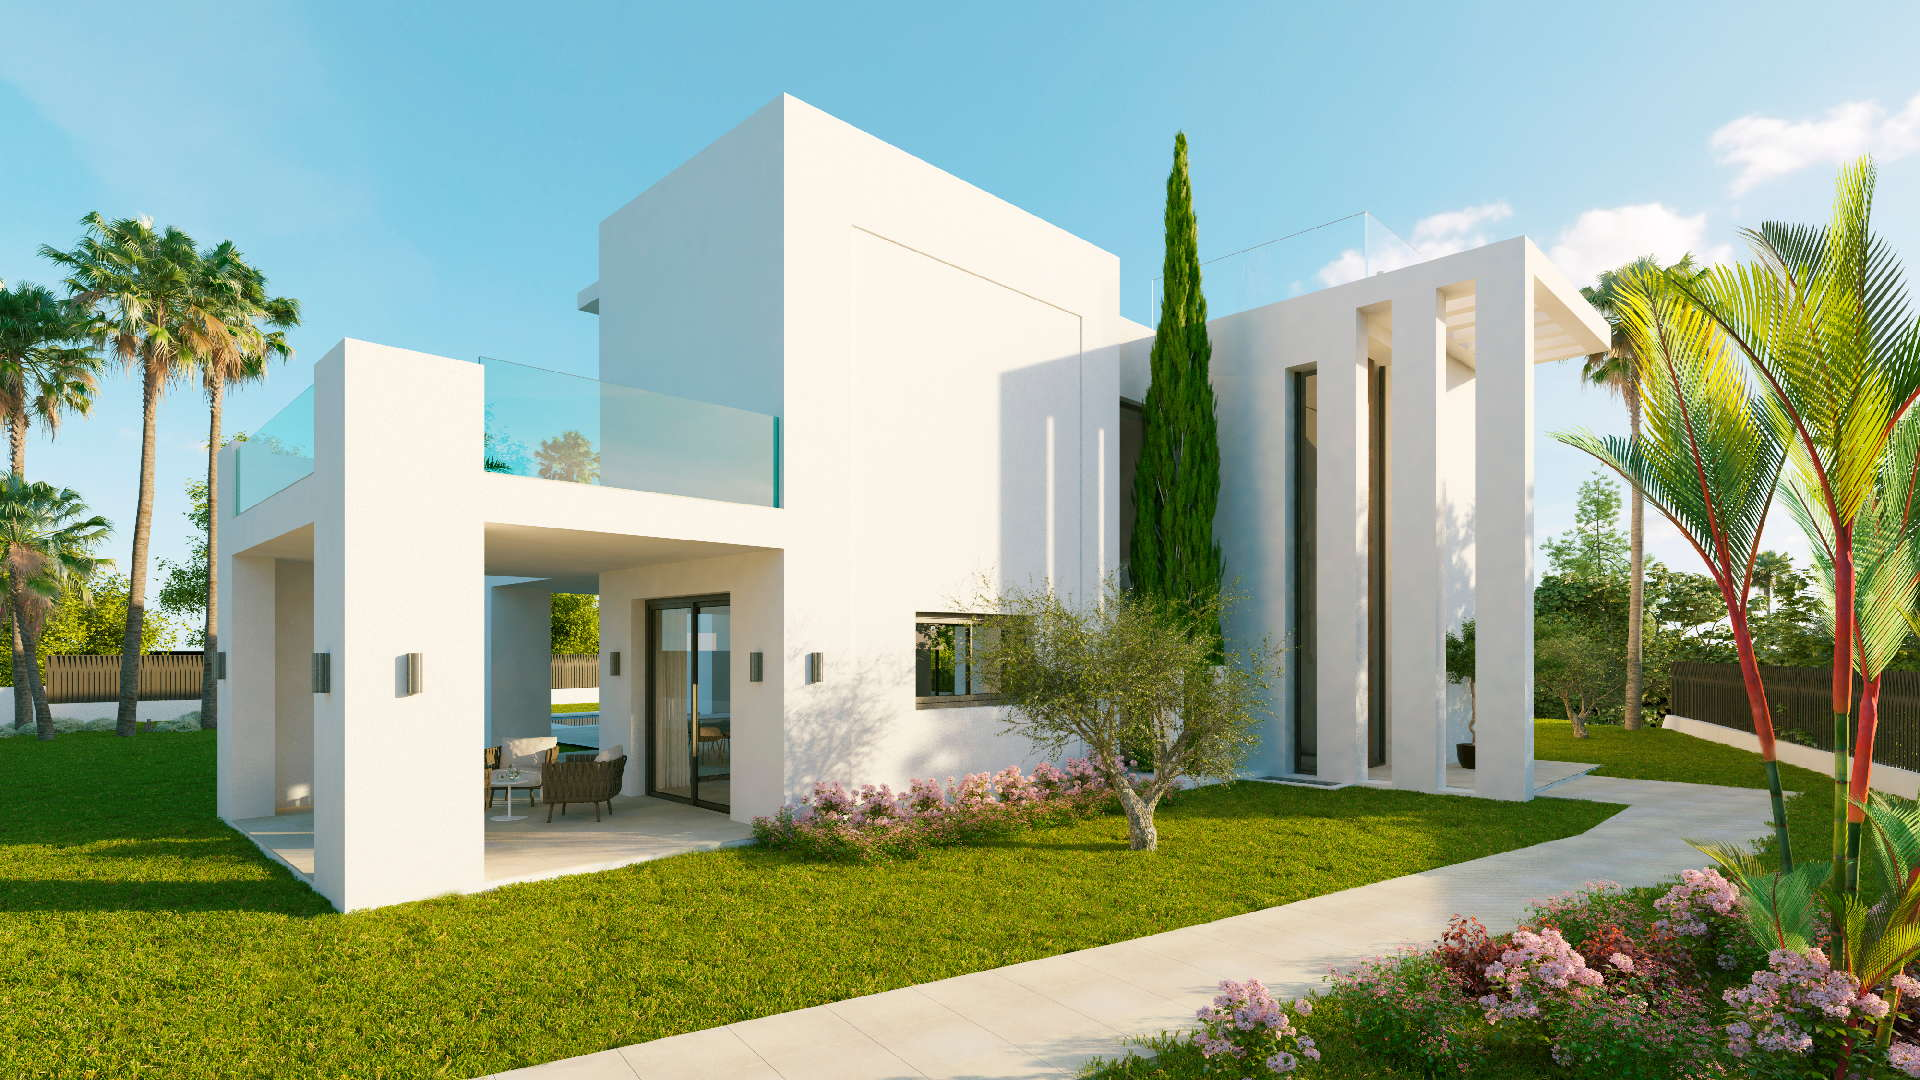 New Villa In Los Olivos Nueva Andalucia Marbella  U2022 Realista